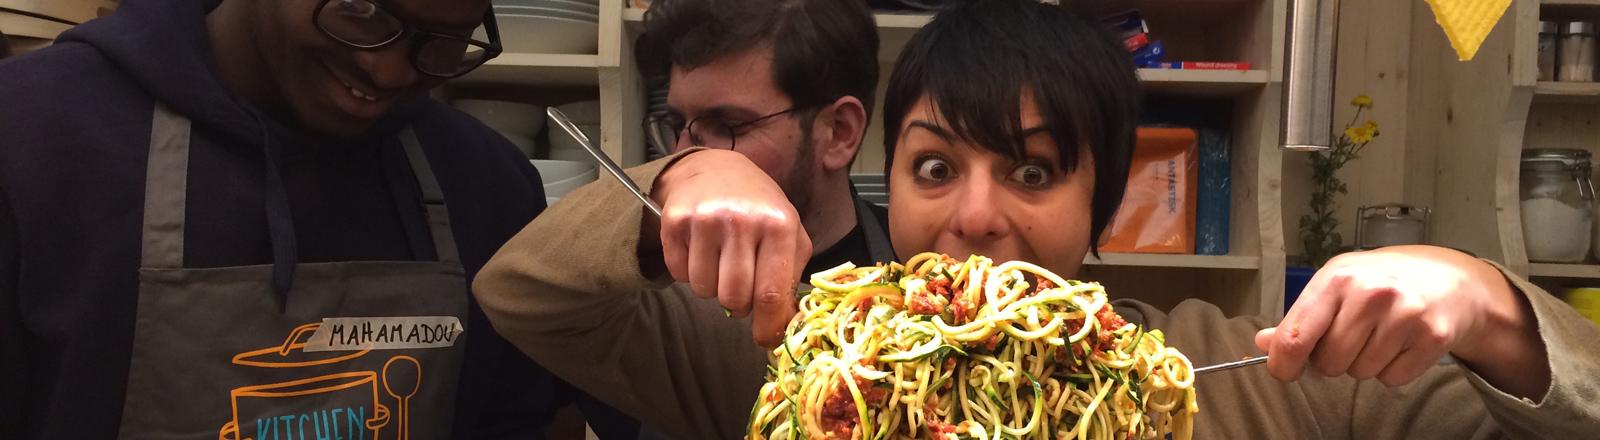 Spaghettimania in Bari